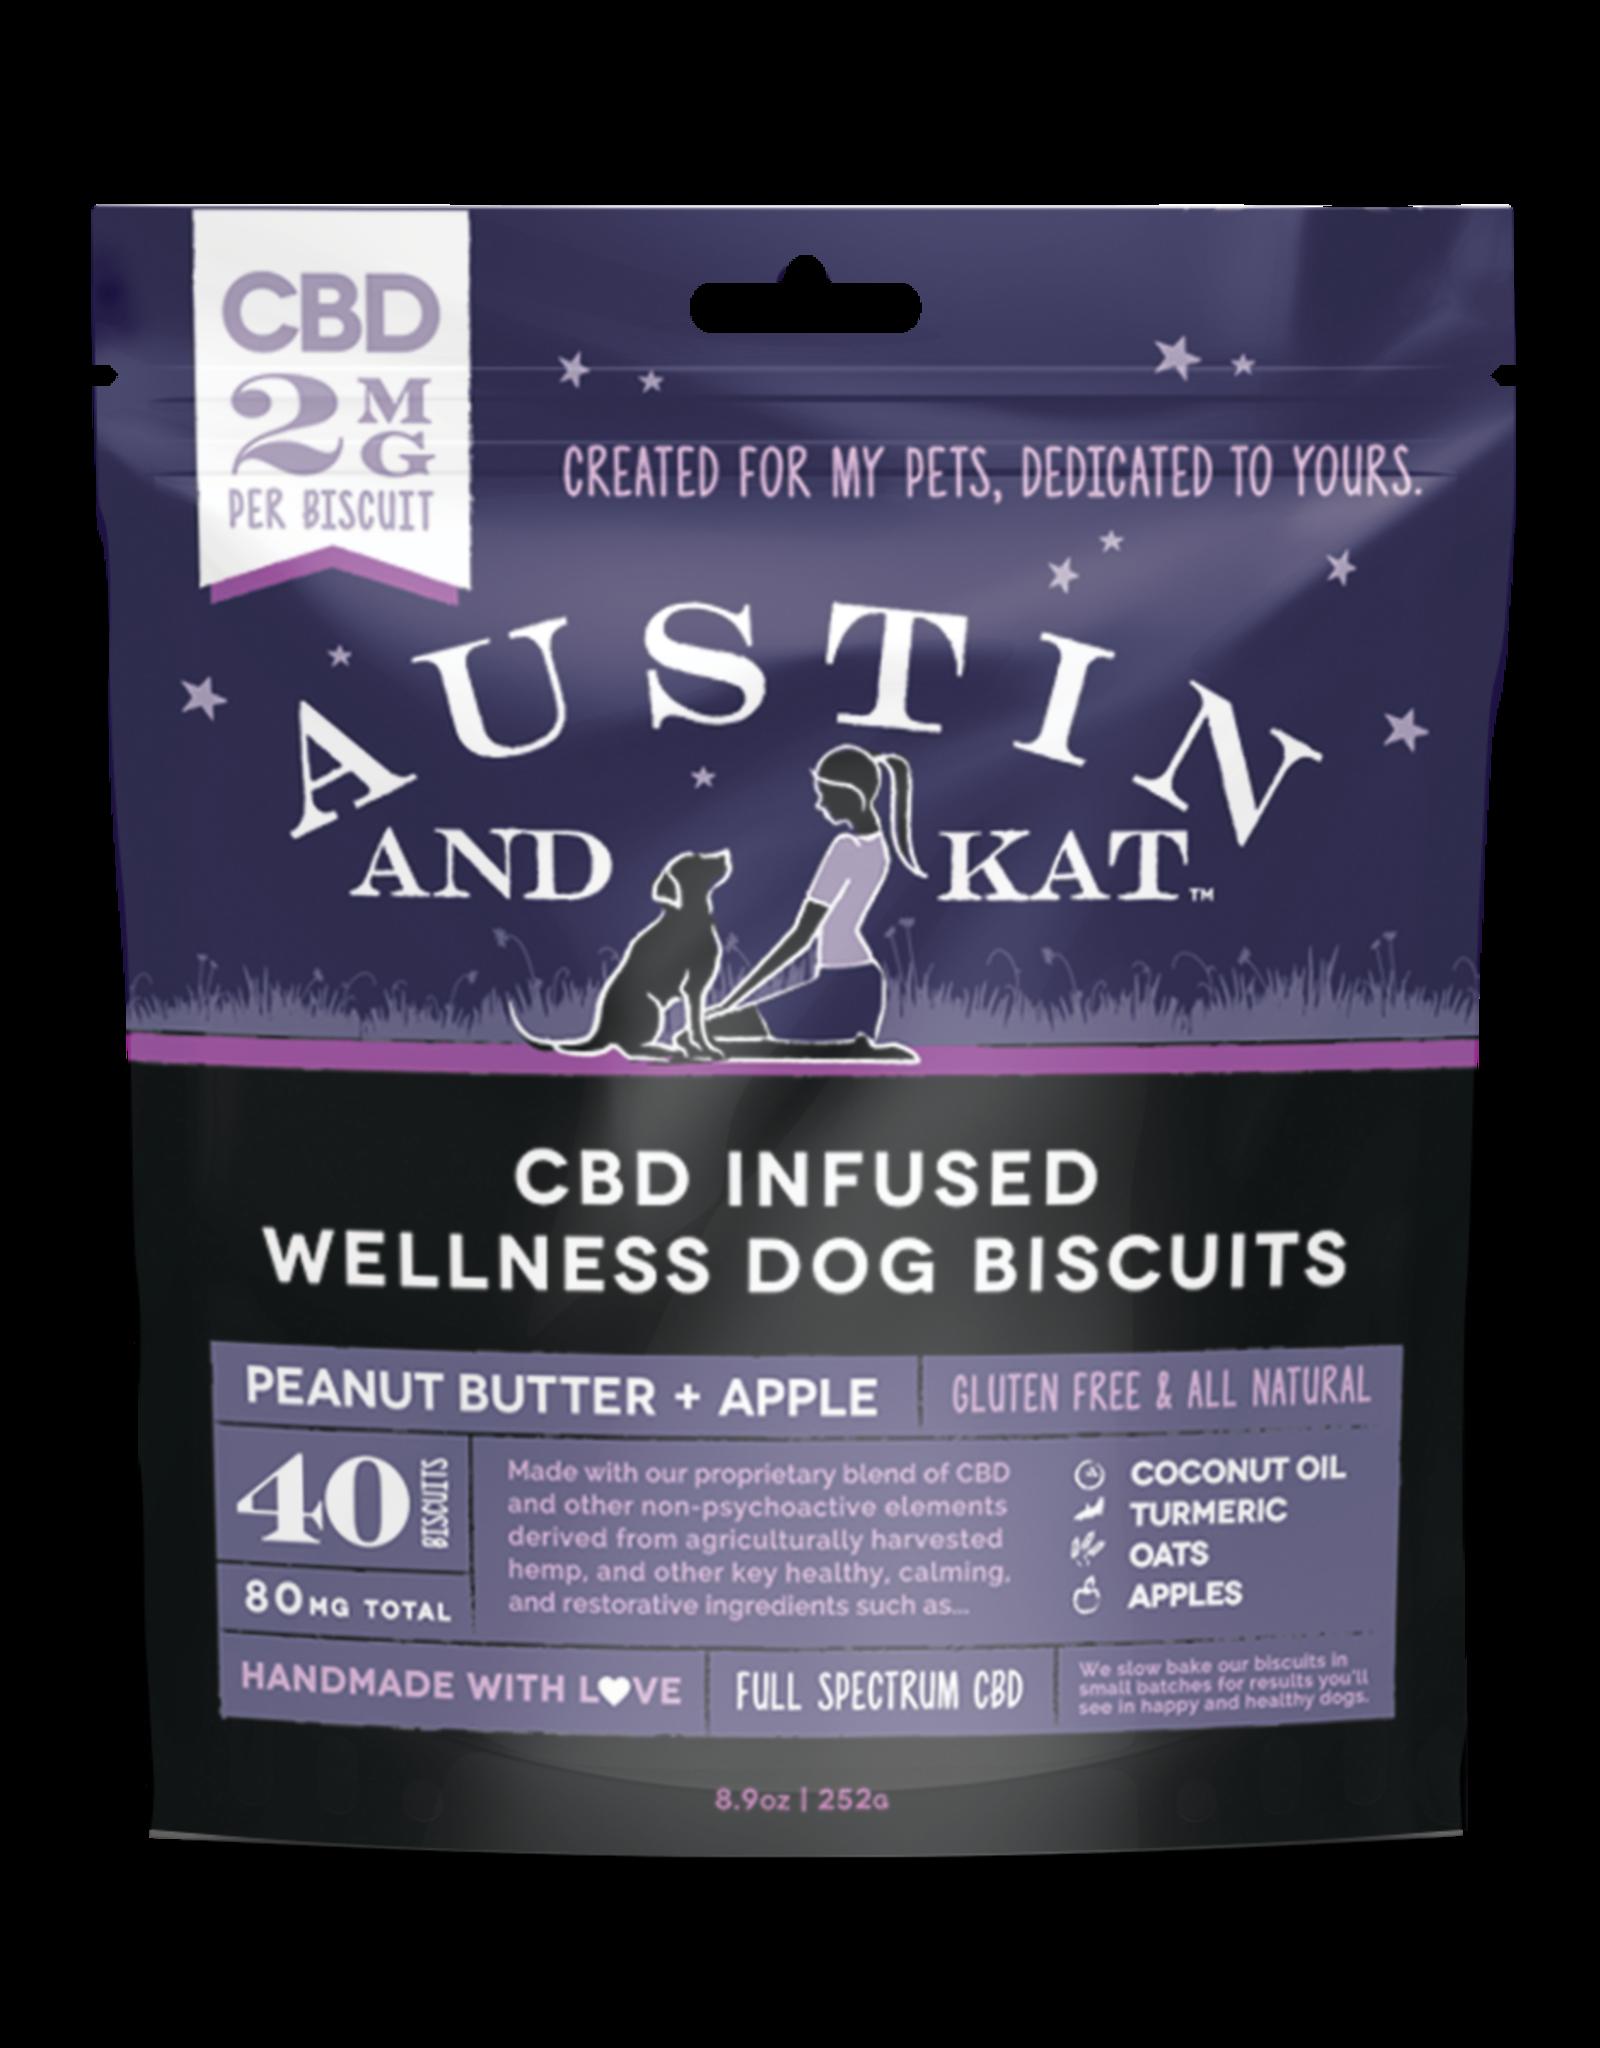 Austin and Kat Austin and Kat 2MG CBD Biscuits 8.9oz